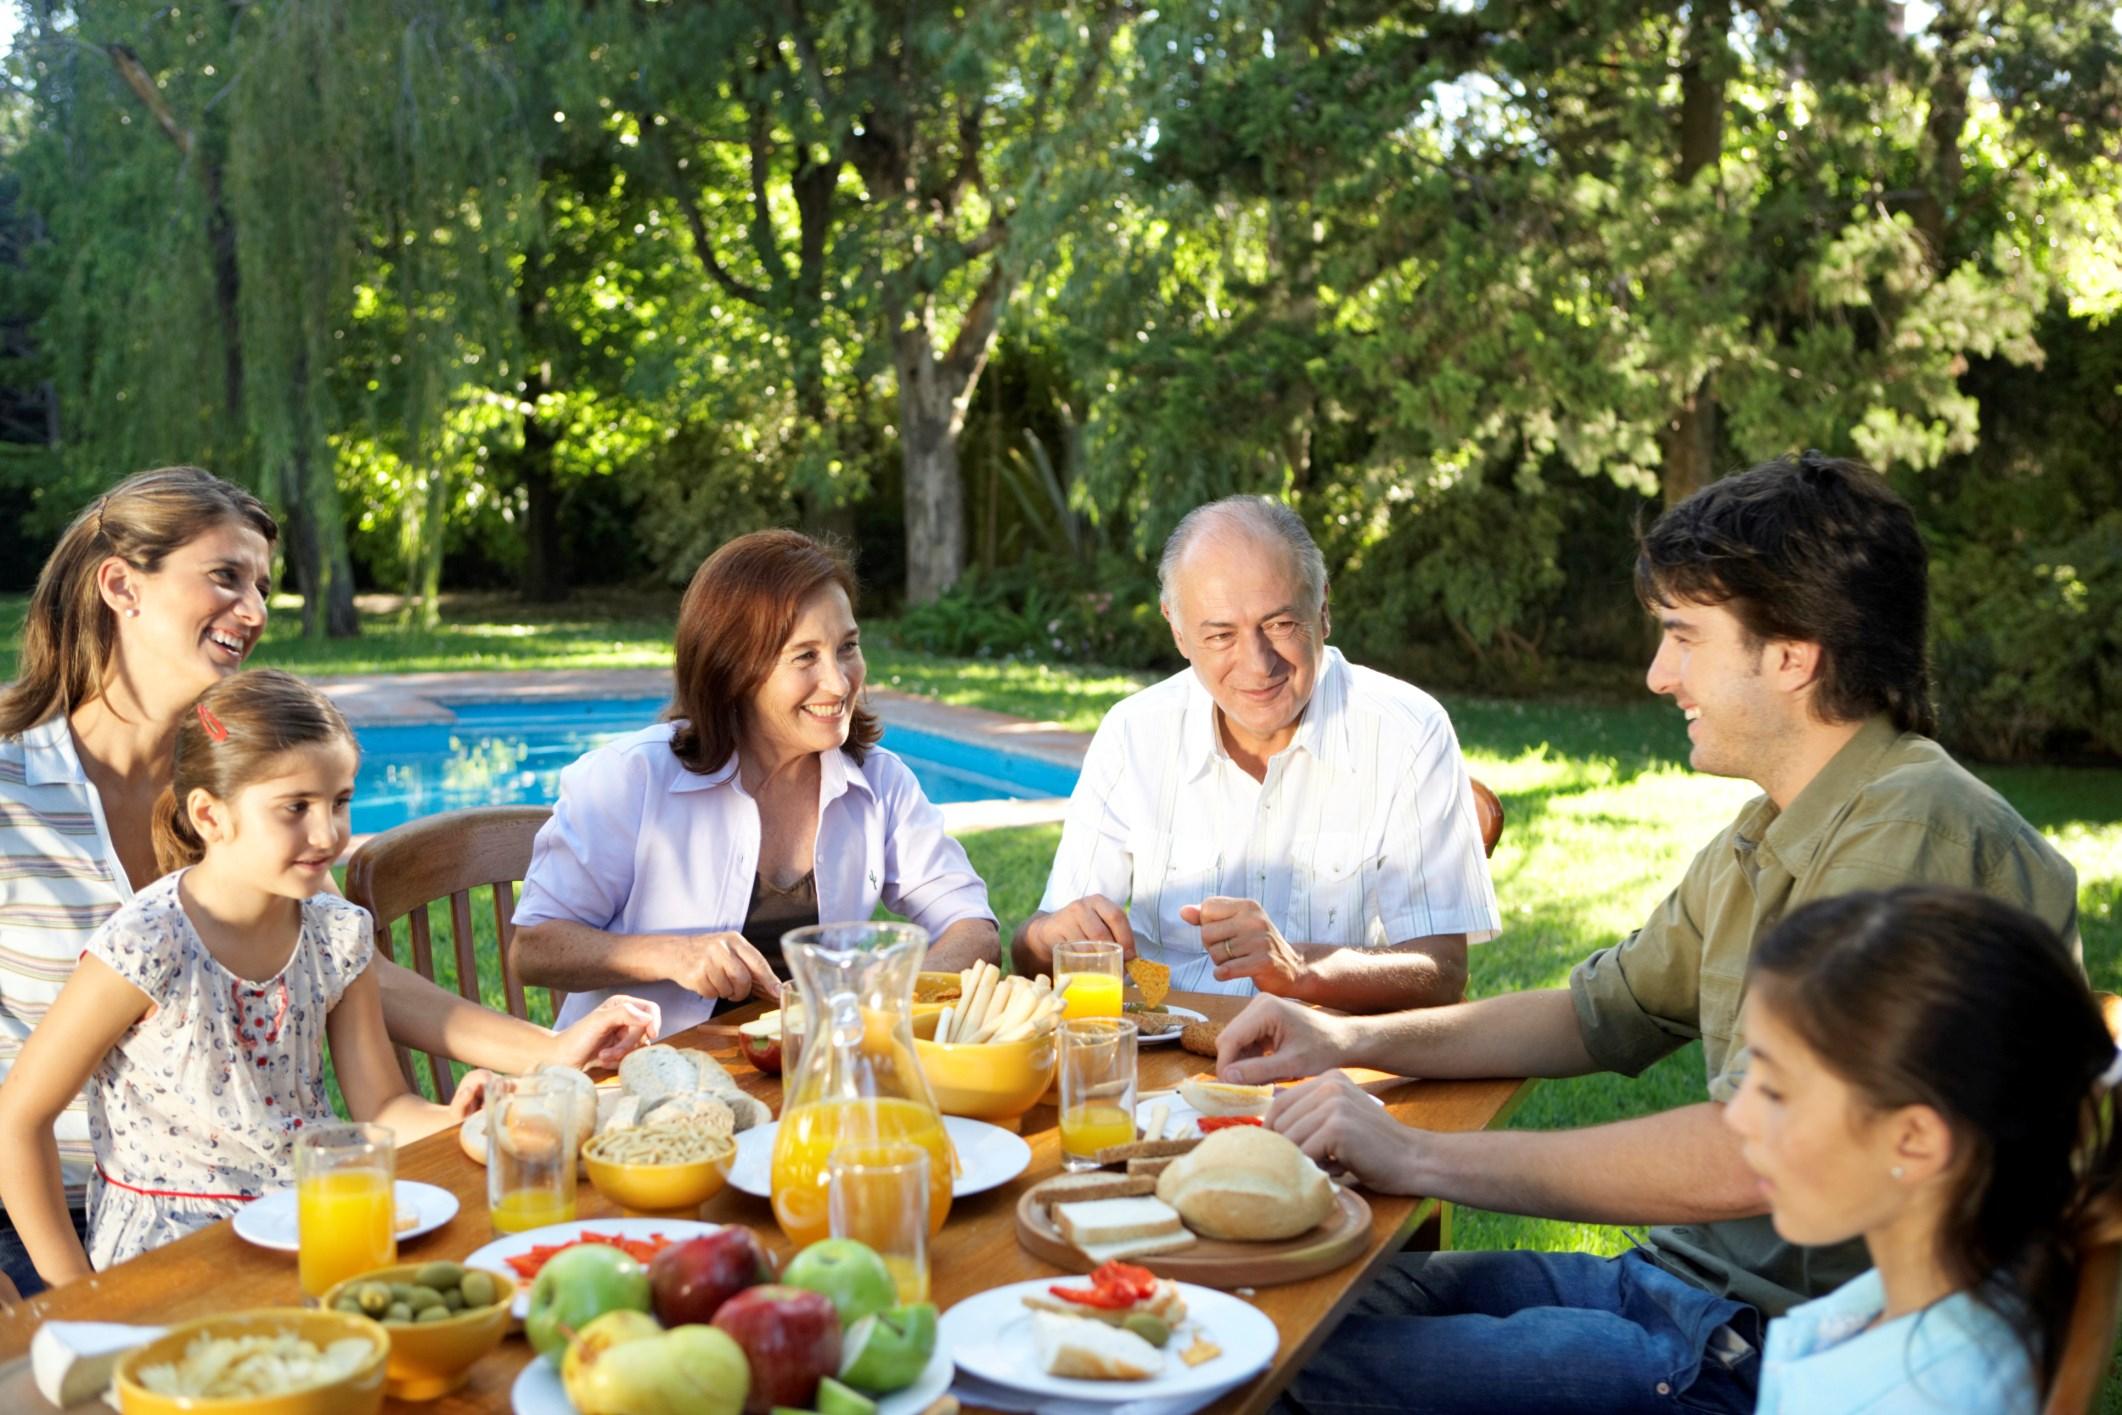 Almorzando en familia... | Toluna